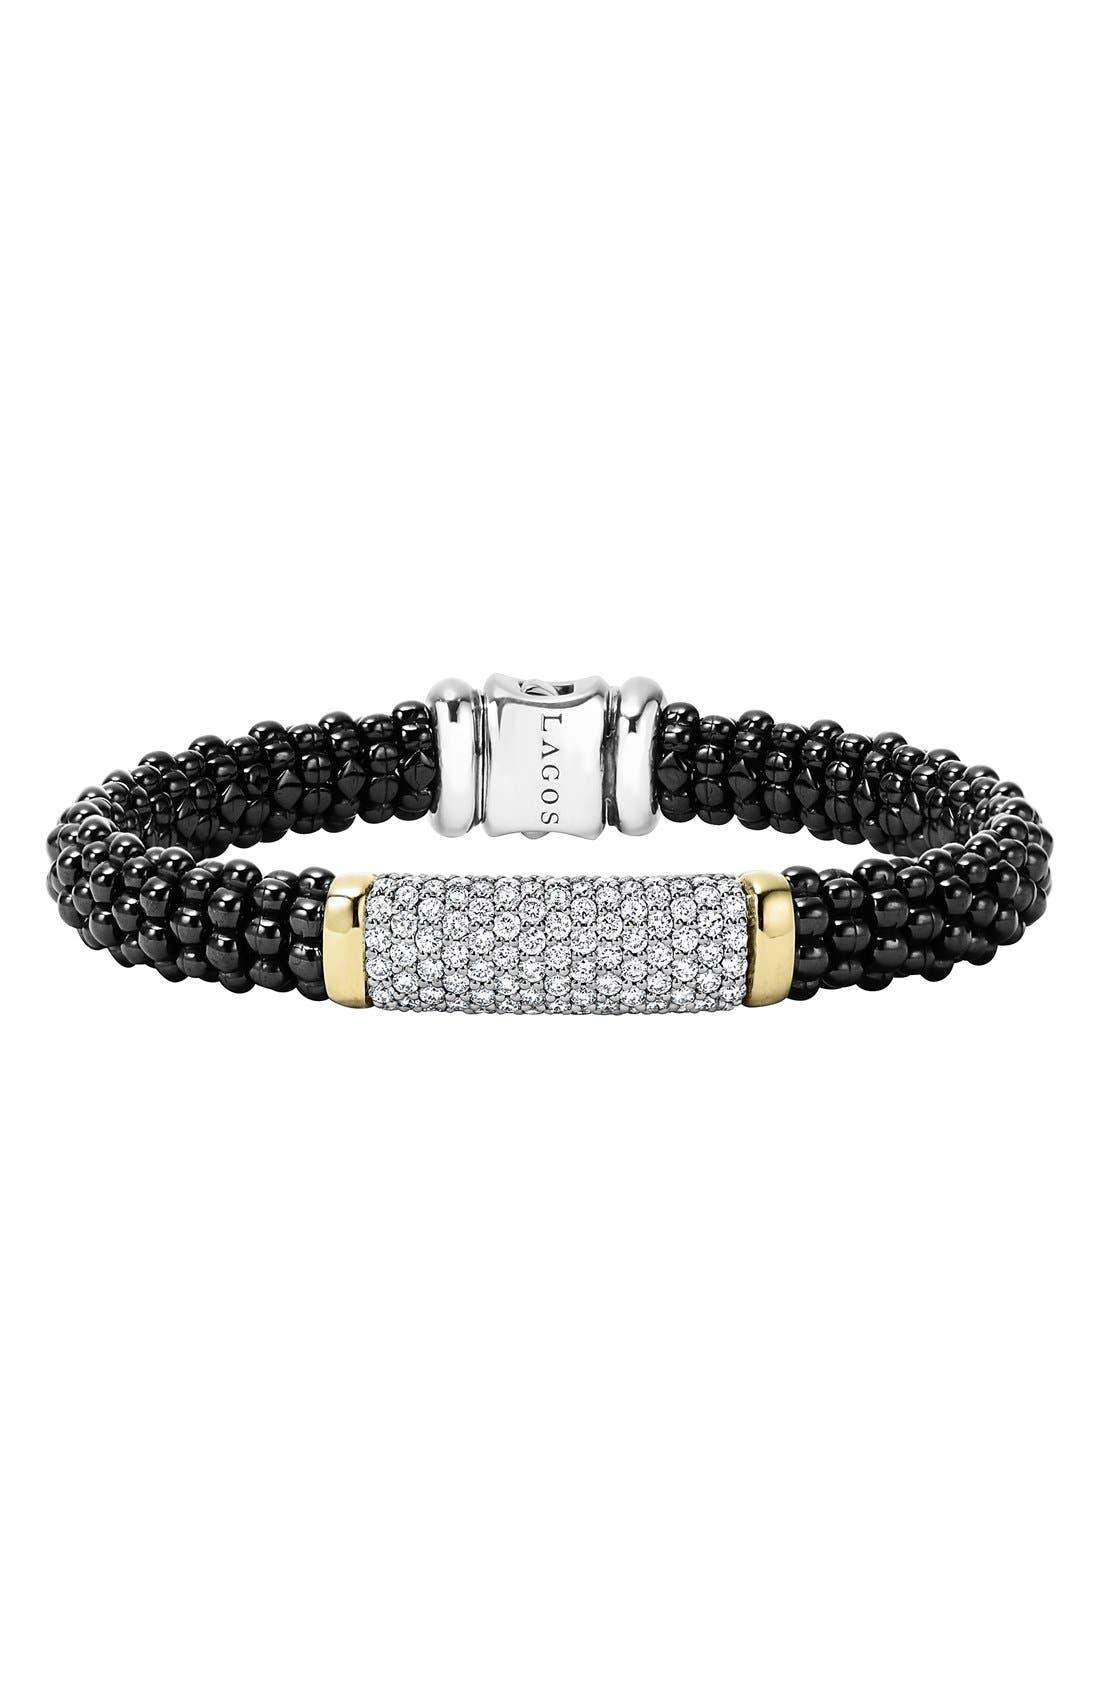 LAGOS 'Black Caviar' Diamond Rope Bracelet